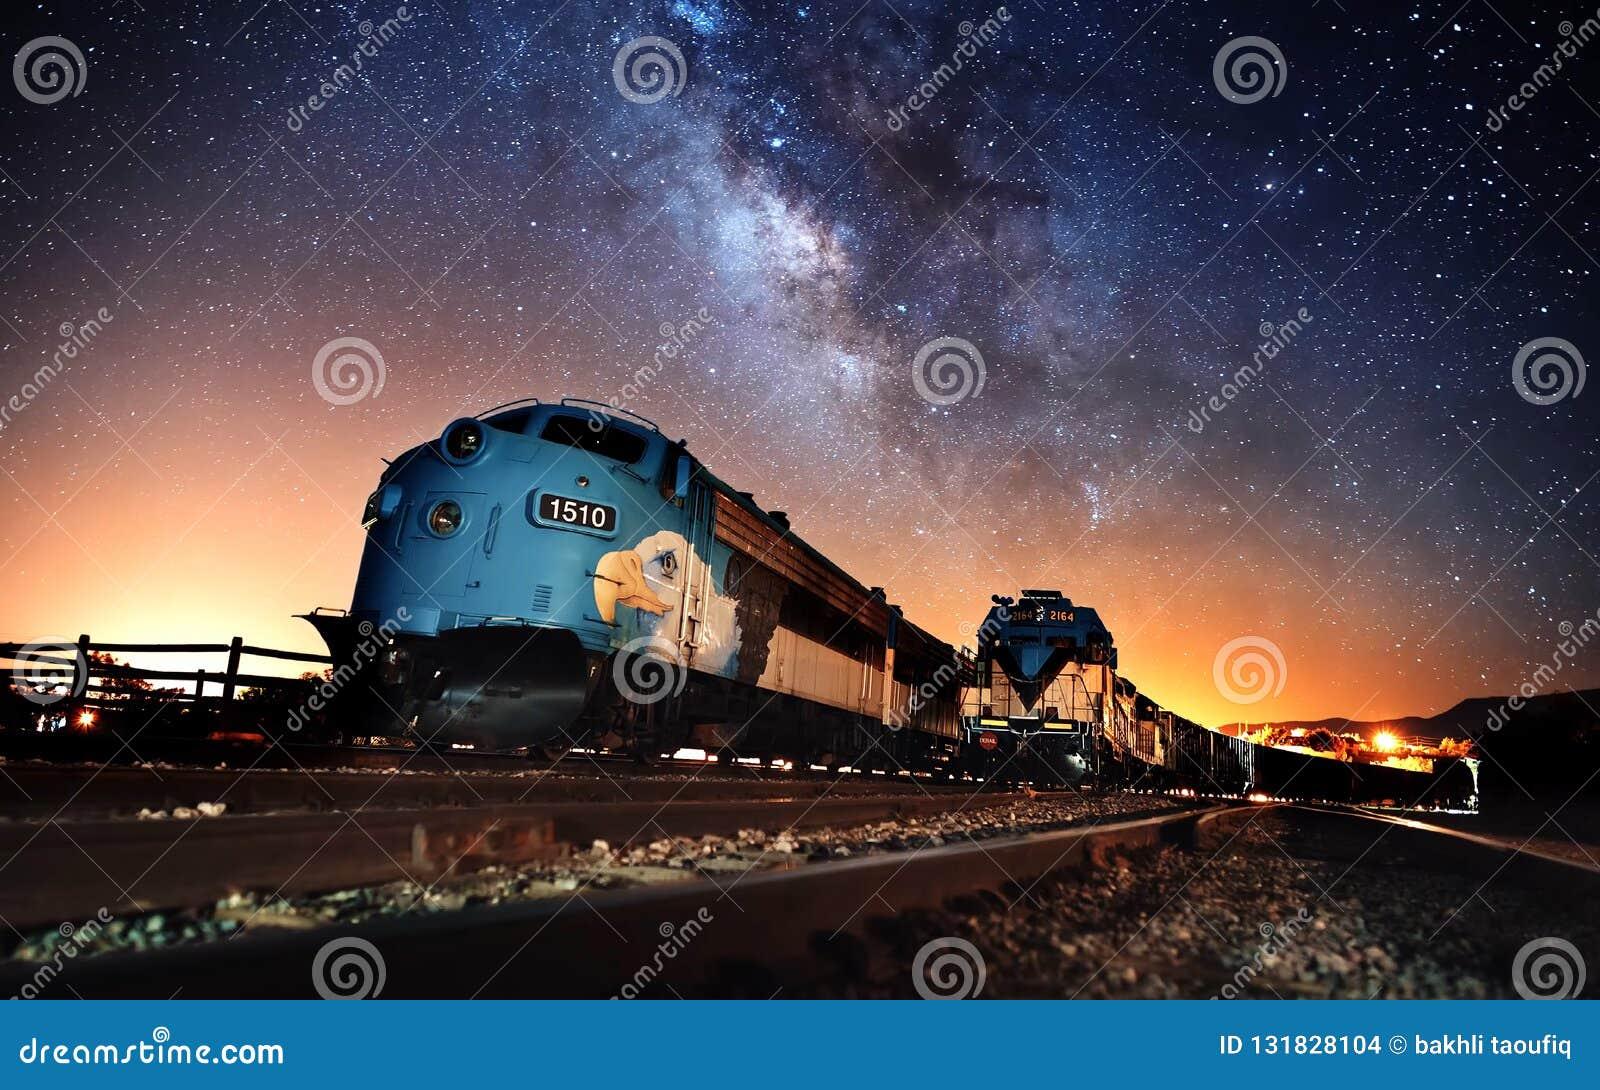 Природа 2018 поезда пара вечером - scenics неба -